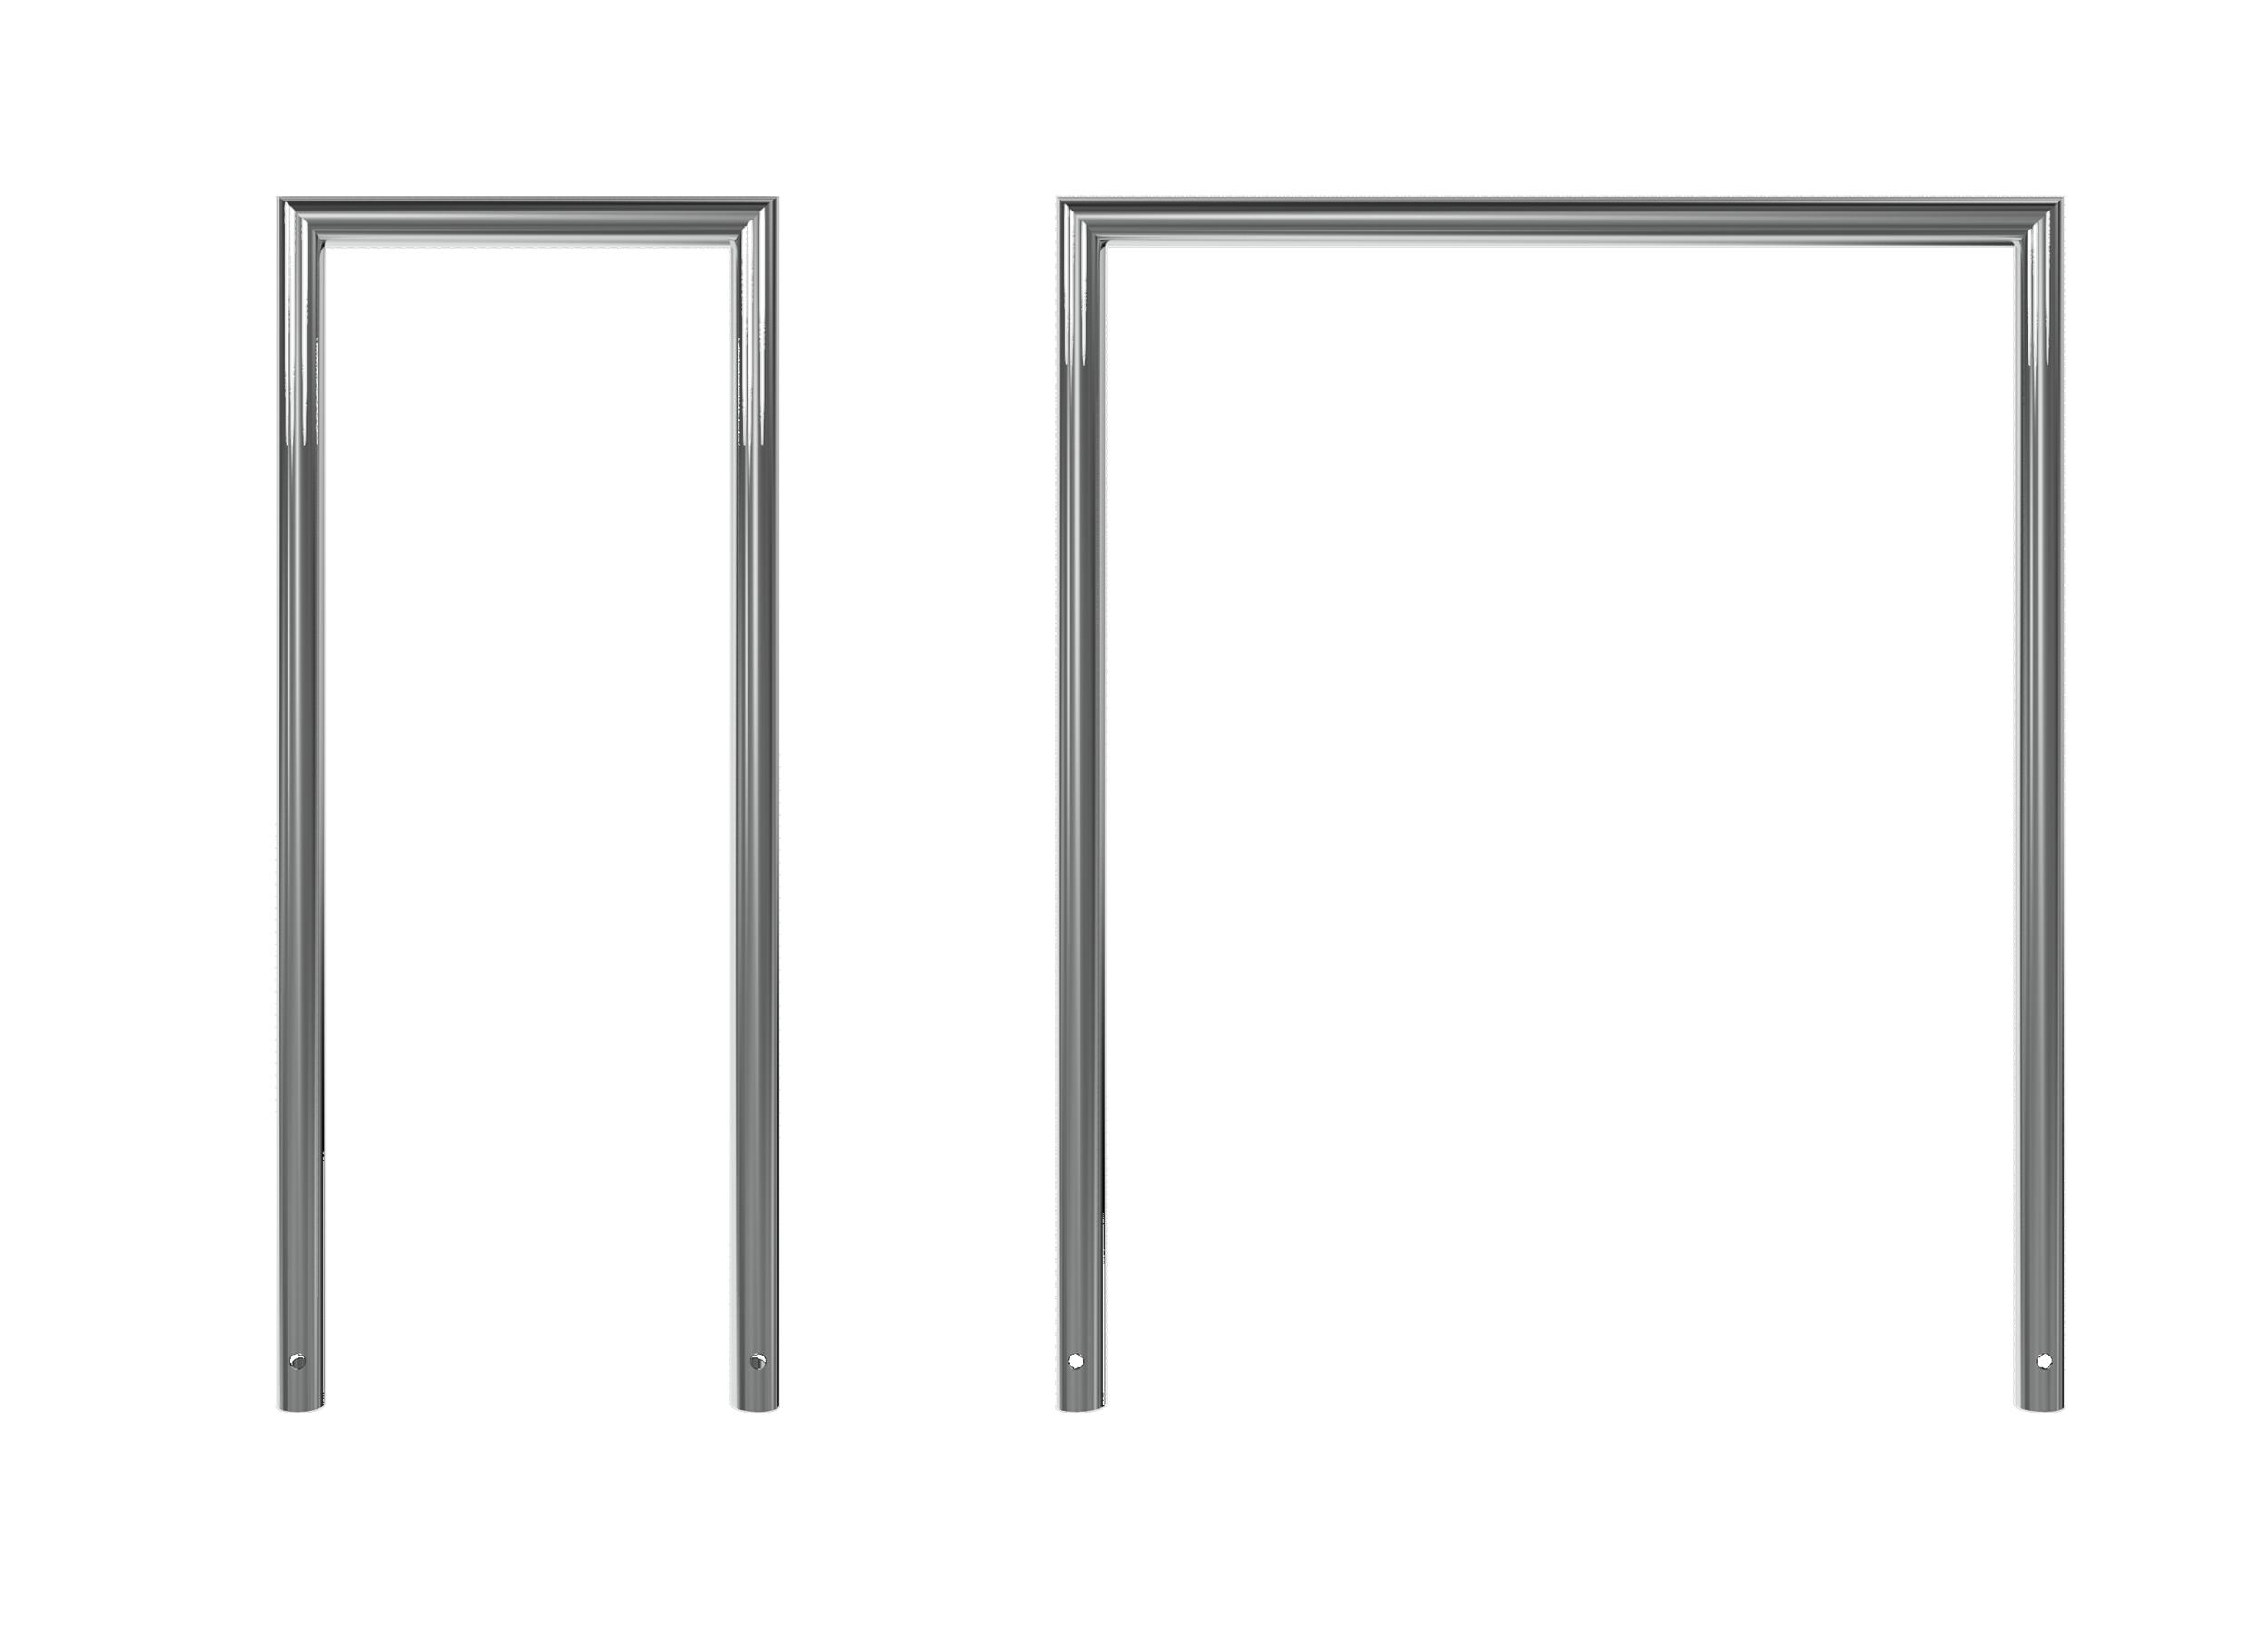 Schake Rohrbügel Edelstahl Ø 48 mm - auf Gehrung geschweißt